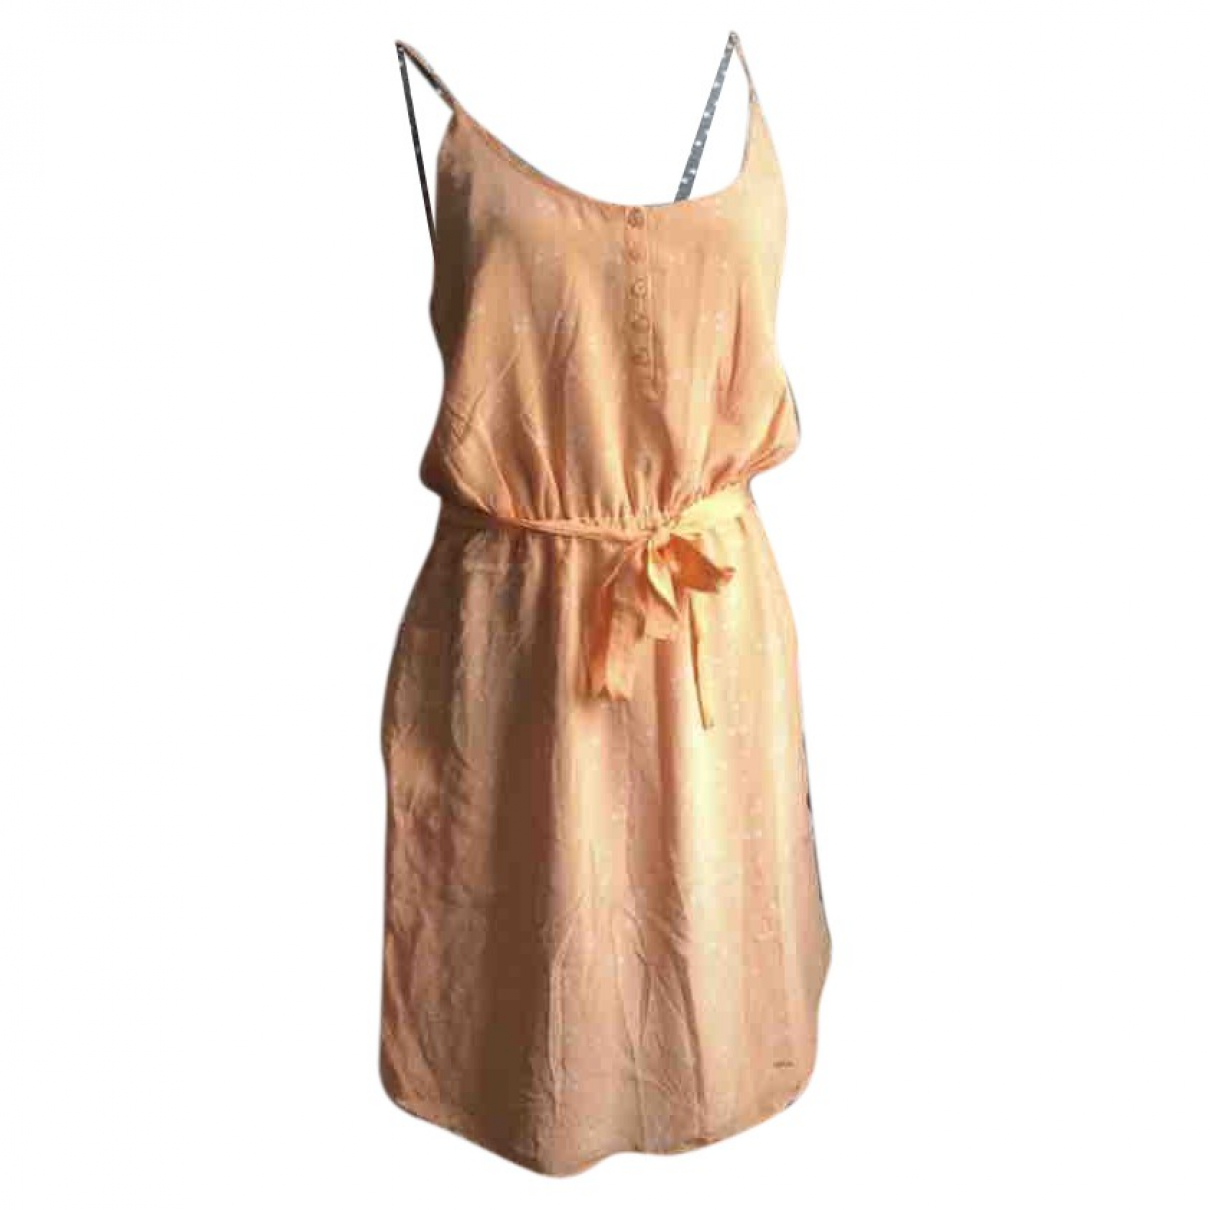 Sud Express \N Kleid in  Orange Baumwolle - Elasthan